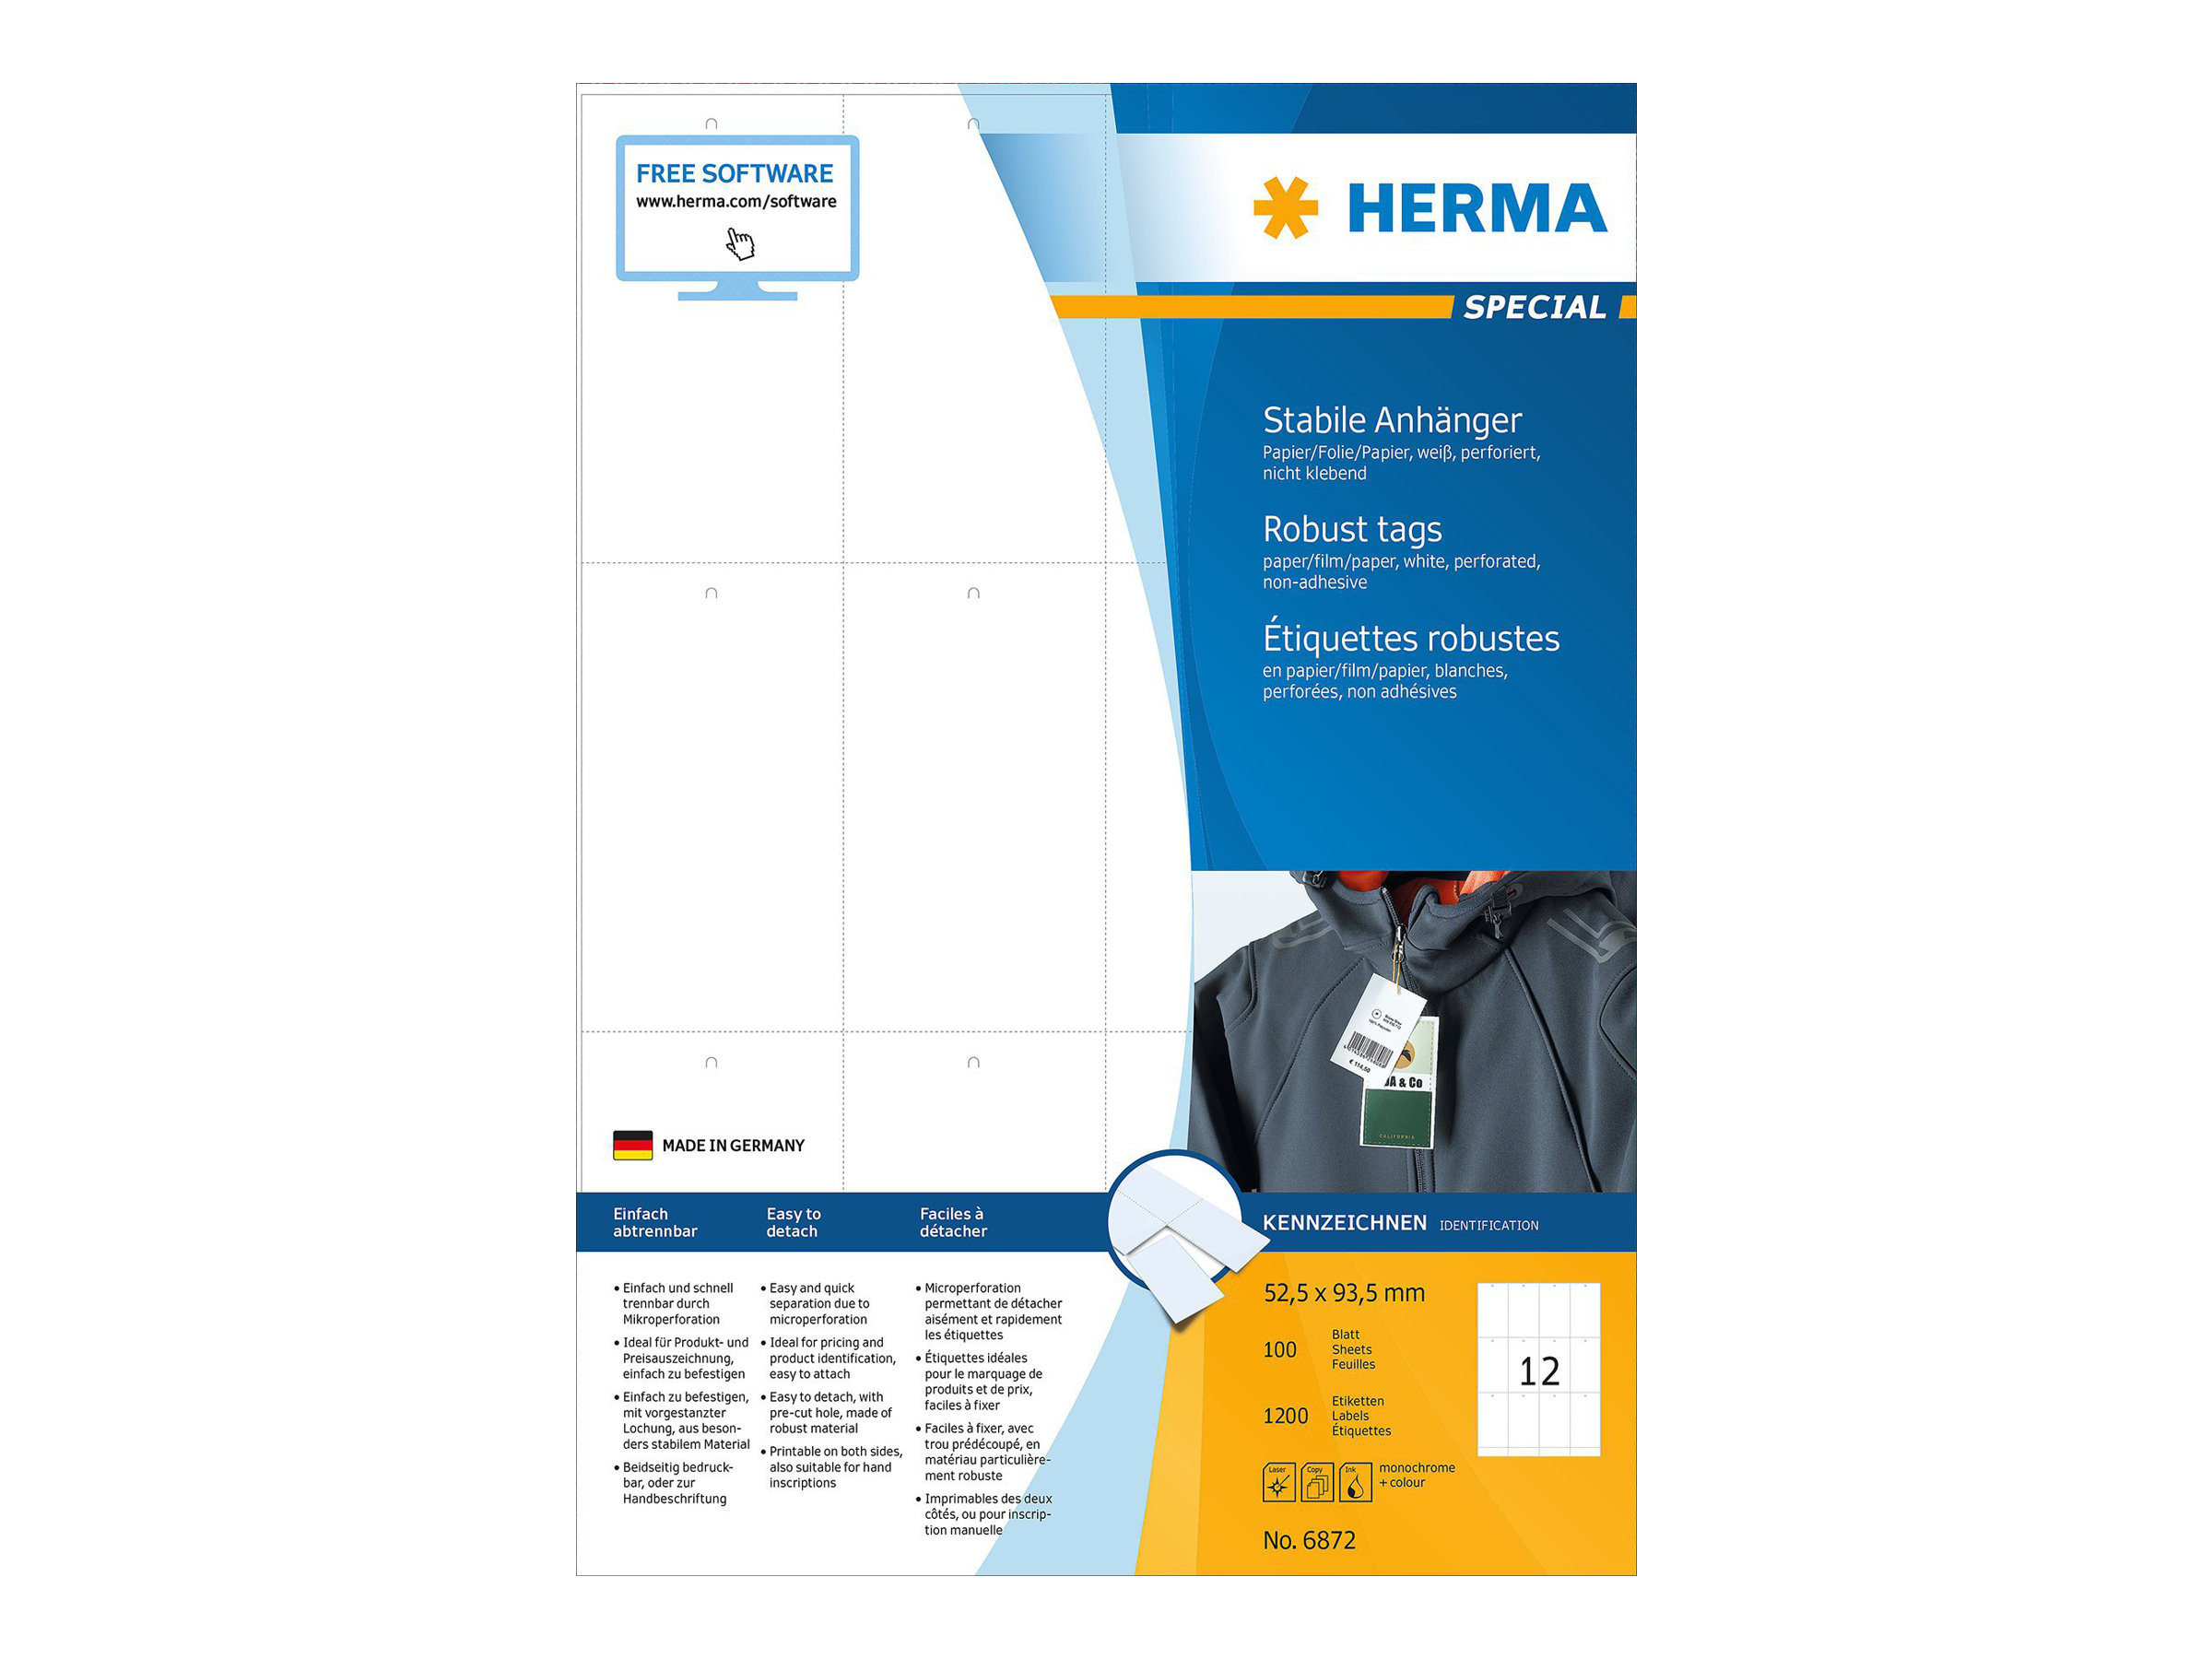 HERMA Special - Nicht klebend - perforiert - weiß - 52.5 x 93.5 mm 1200 Etikett(en) (100 Bogen x 12)